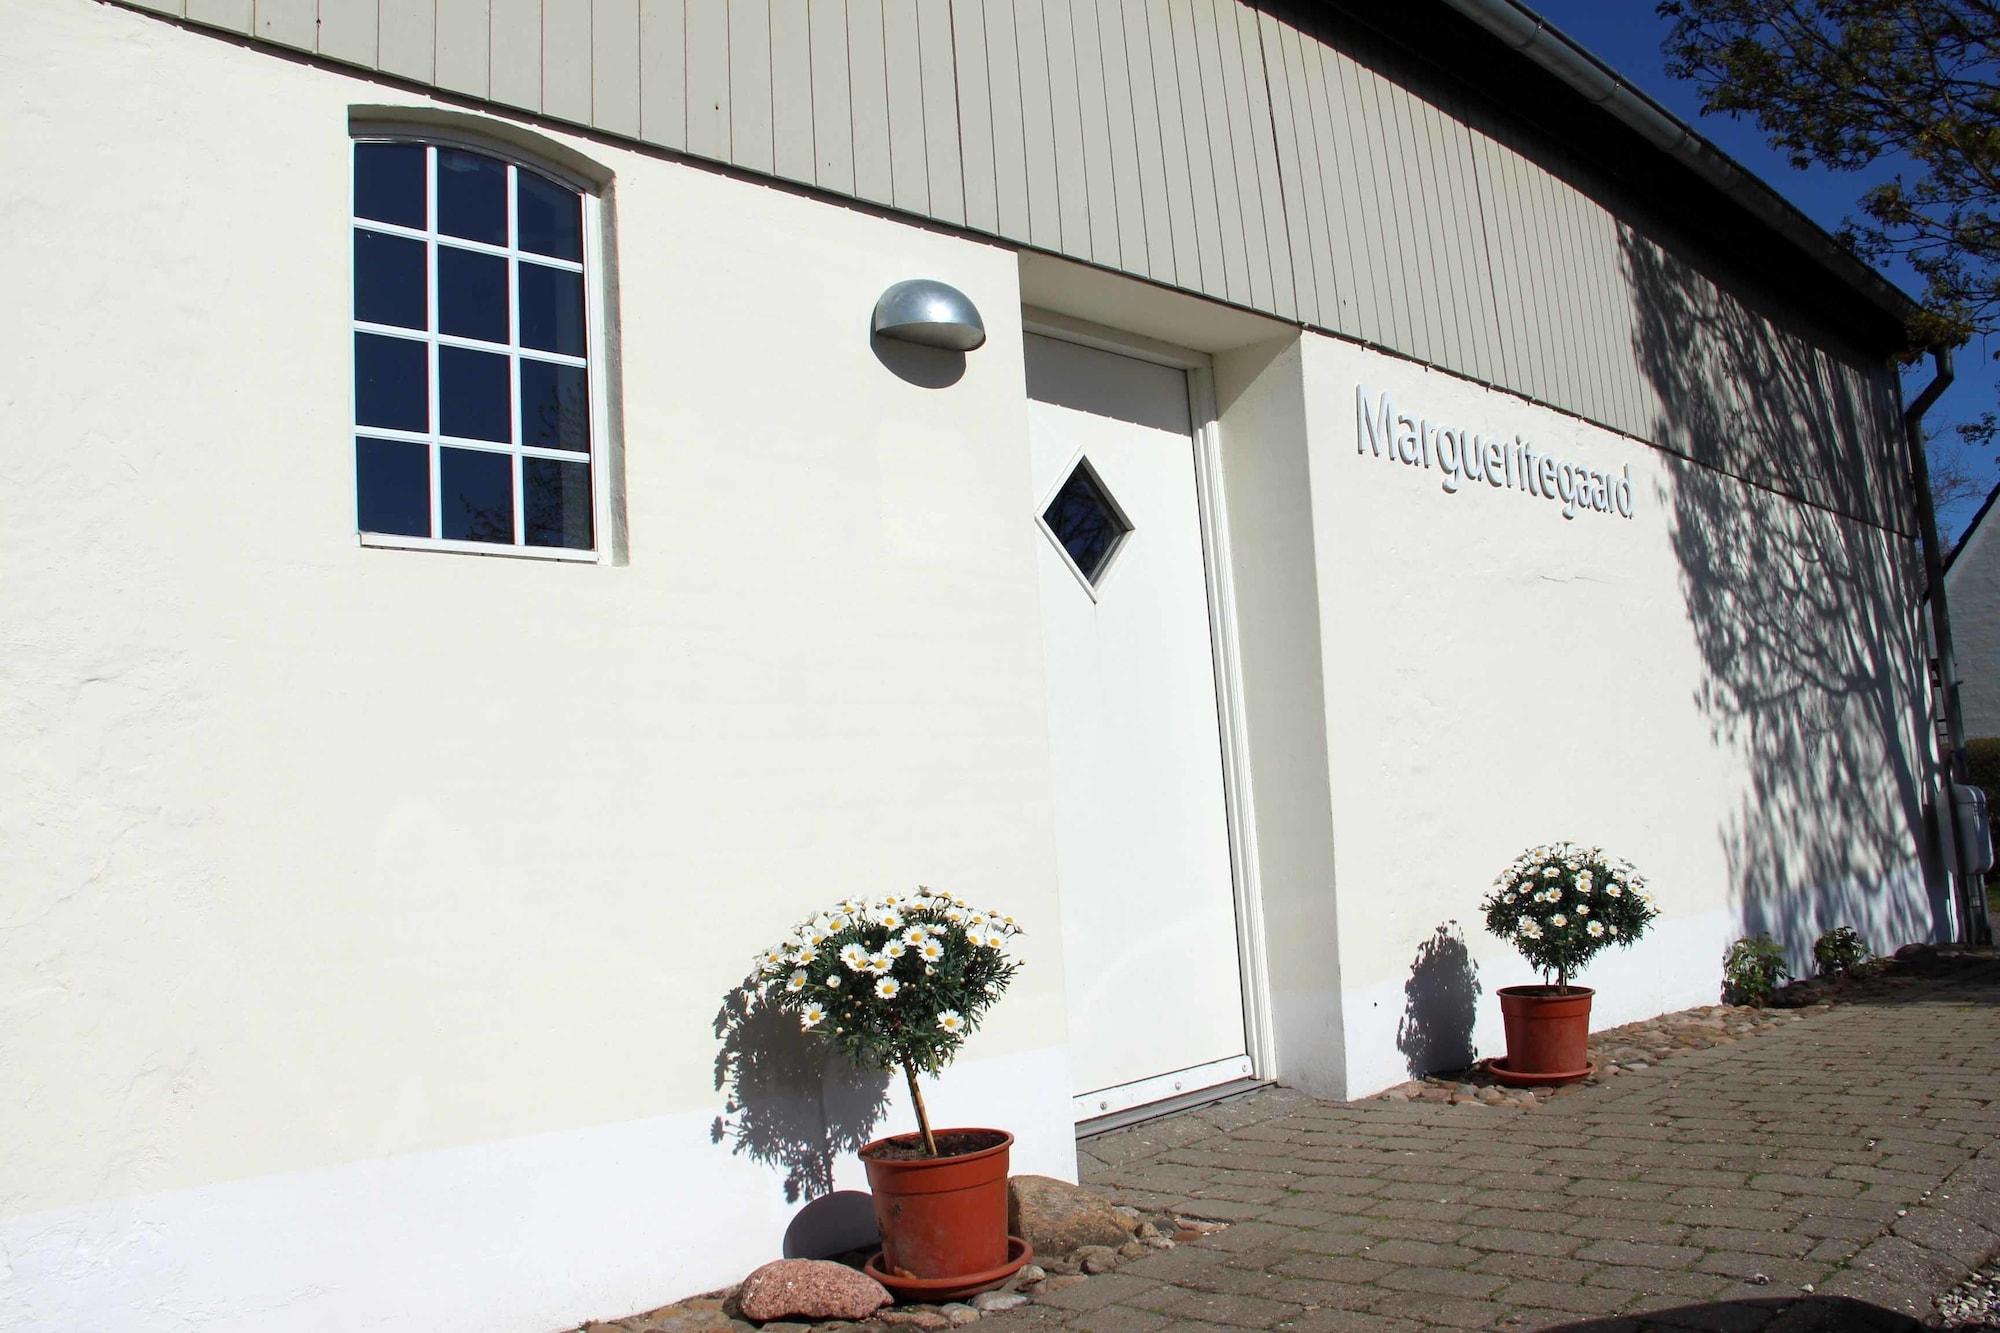 Margueritegaard, Esbjerg